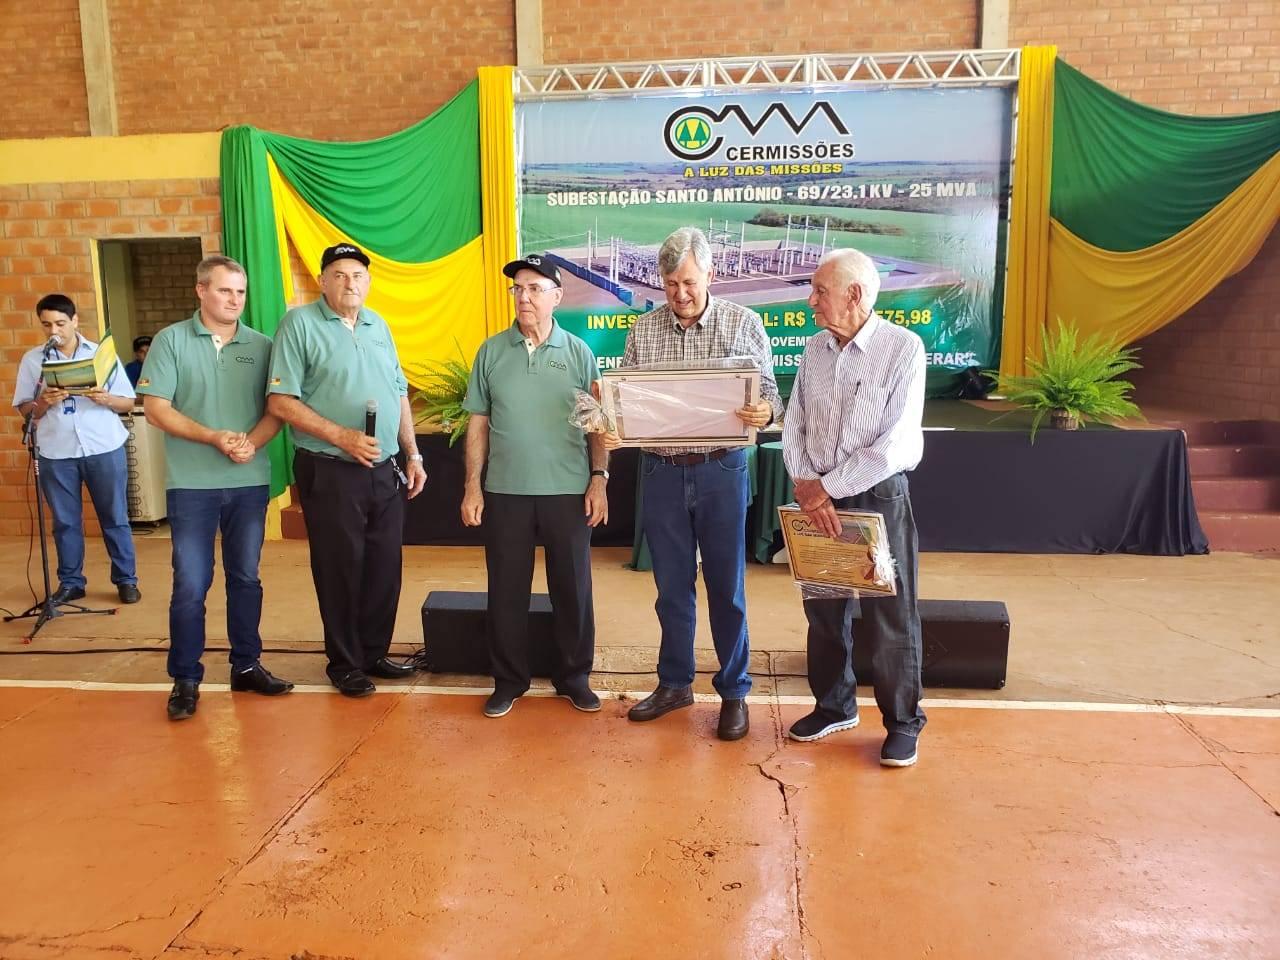 Alceu da Silva Braga foi homenageado em evento da Cermissões